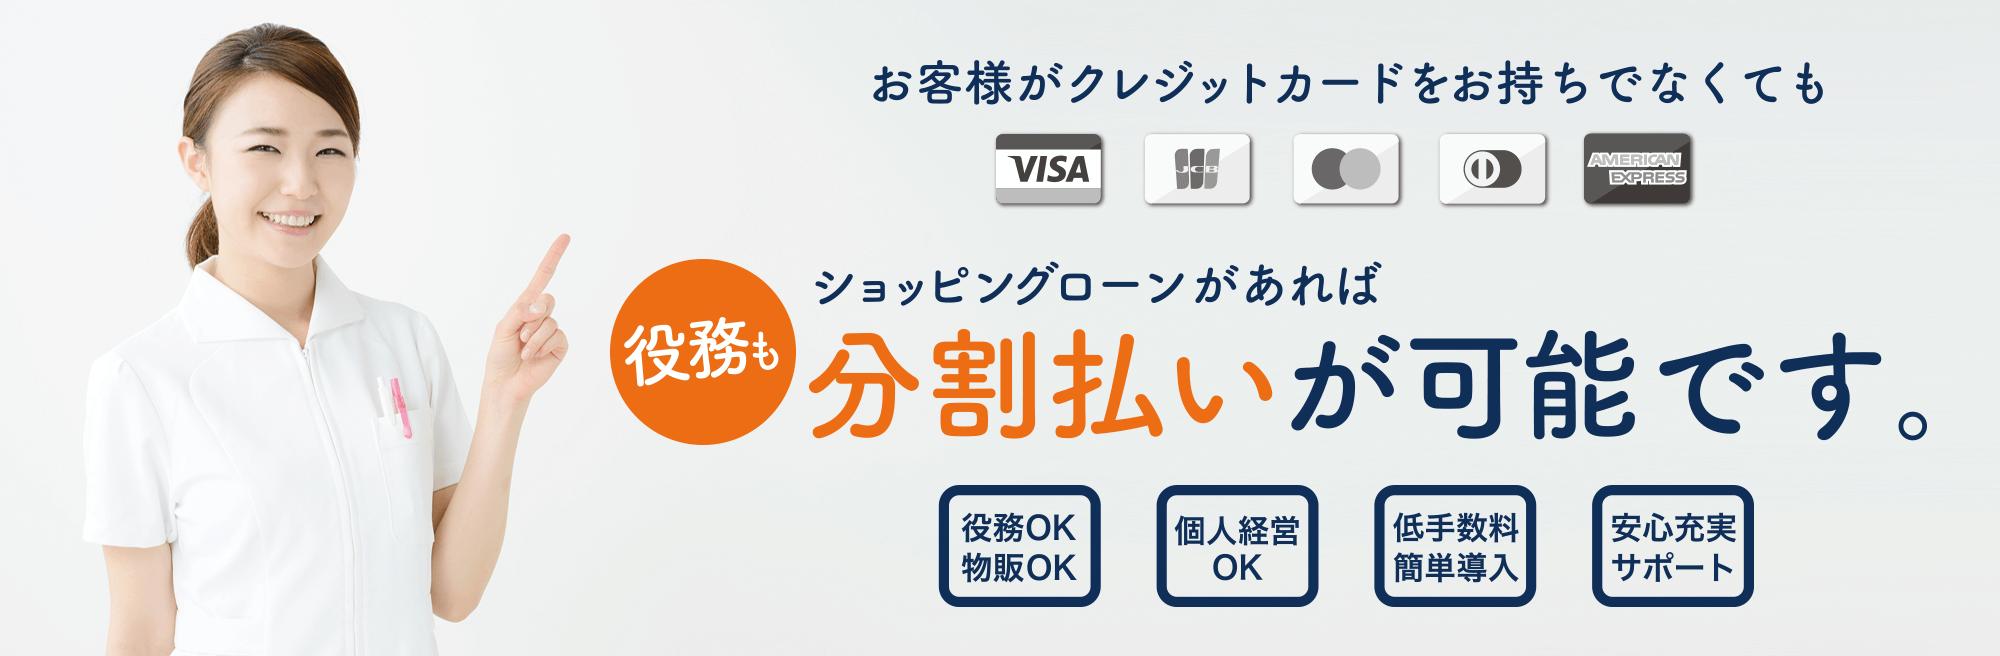 ミューチュアルトラストのショッピングローン。お客様がクレジットカードをお持ちでなくてもショッピングローンがあれば分割払いが可能です。役務もOK